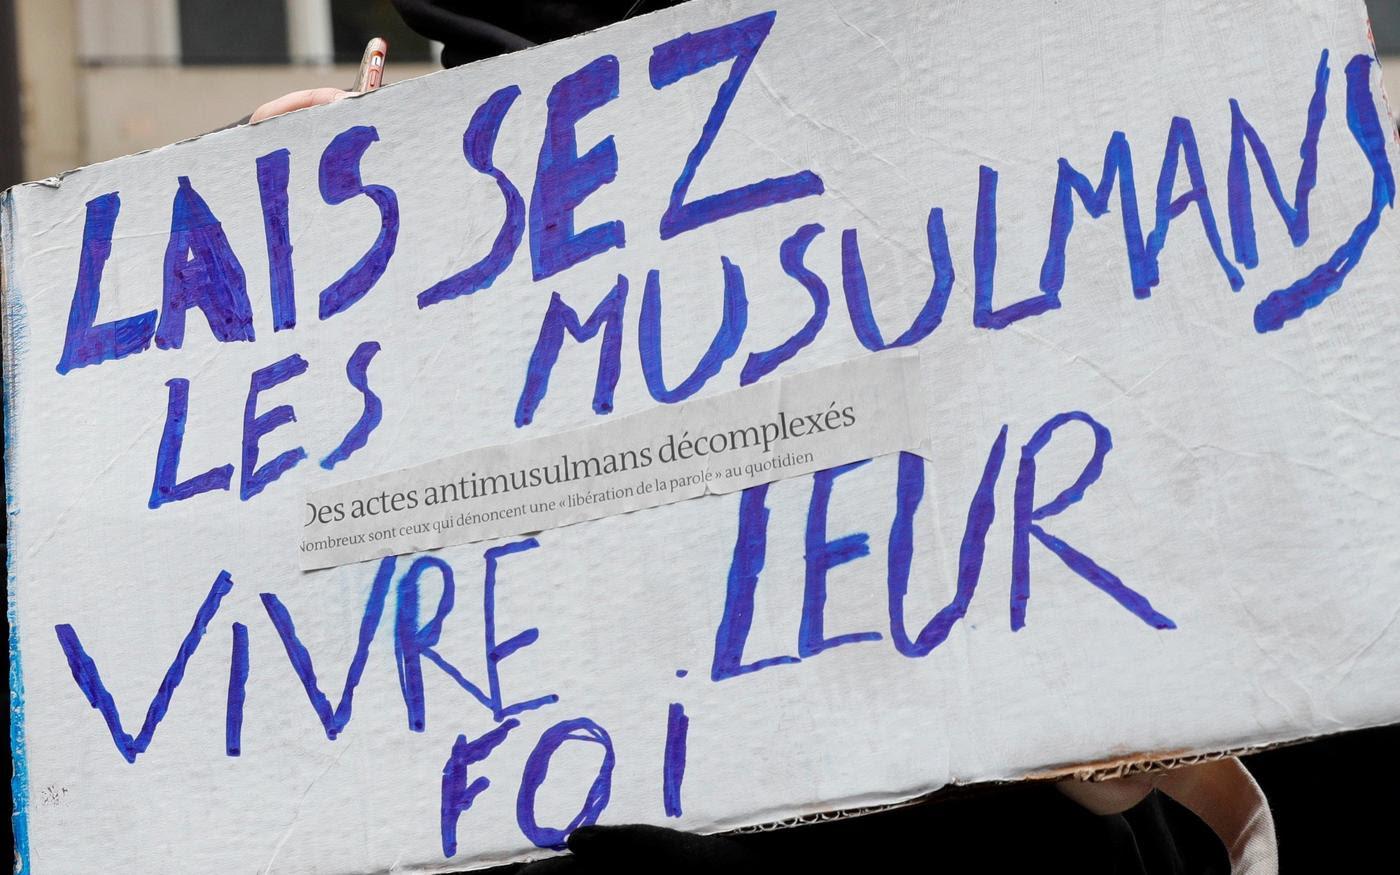 Une pancarte brandie par un manifestant pendant une marche contre l'islamophobie devant la gare du Nord à Paris, le 10novembre2019 (AFP)